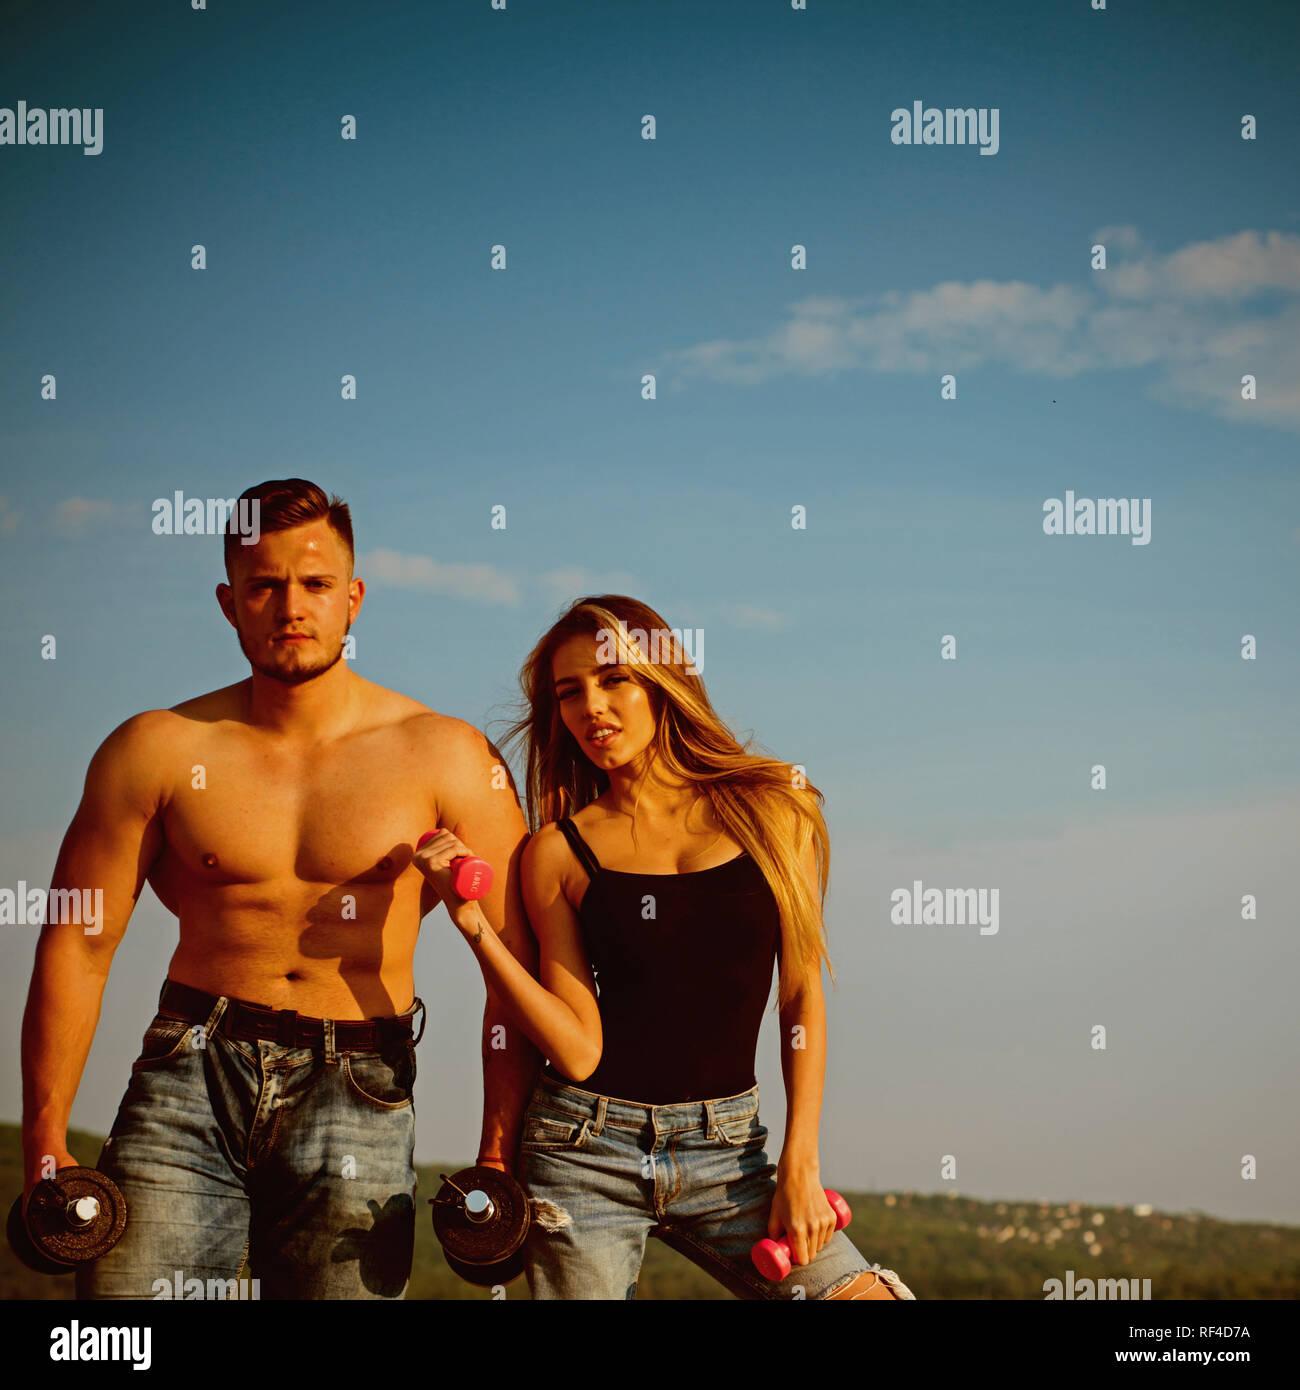 La costruzione del muscolo, bodybuilding e. La costruzione del muscolo, esercizi con i pesi per uomo e donna. Potenza muscolare. Muscle e fitness Immagini Stock